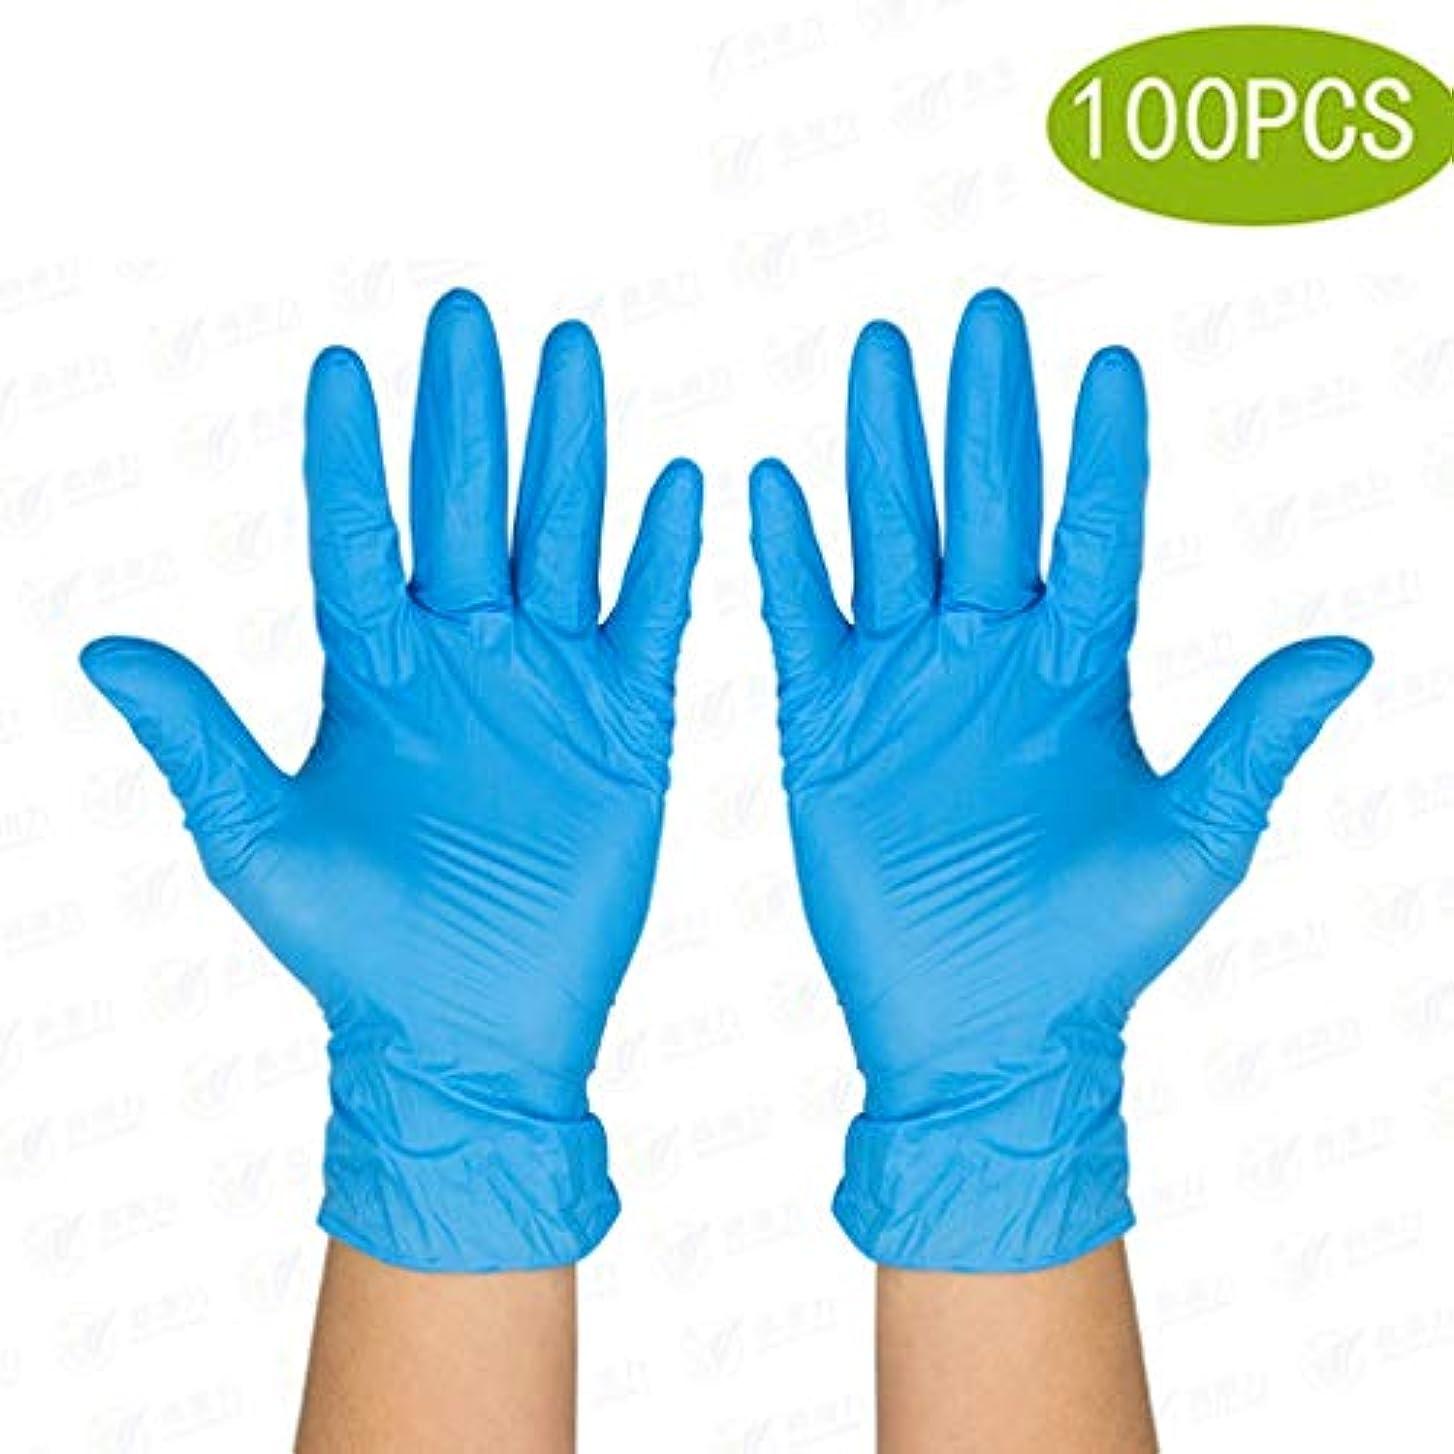 神経障害アトラス流星保護用使い捨てニトリル医療用手袋、3mil、ラテックスフリー、試験グレードの手袋、質感のある、両性、非滅菌の、100ラテックス手袋のパック (Color : Blue, Size : L)